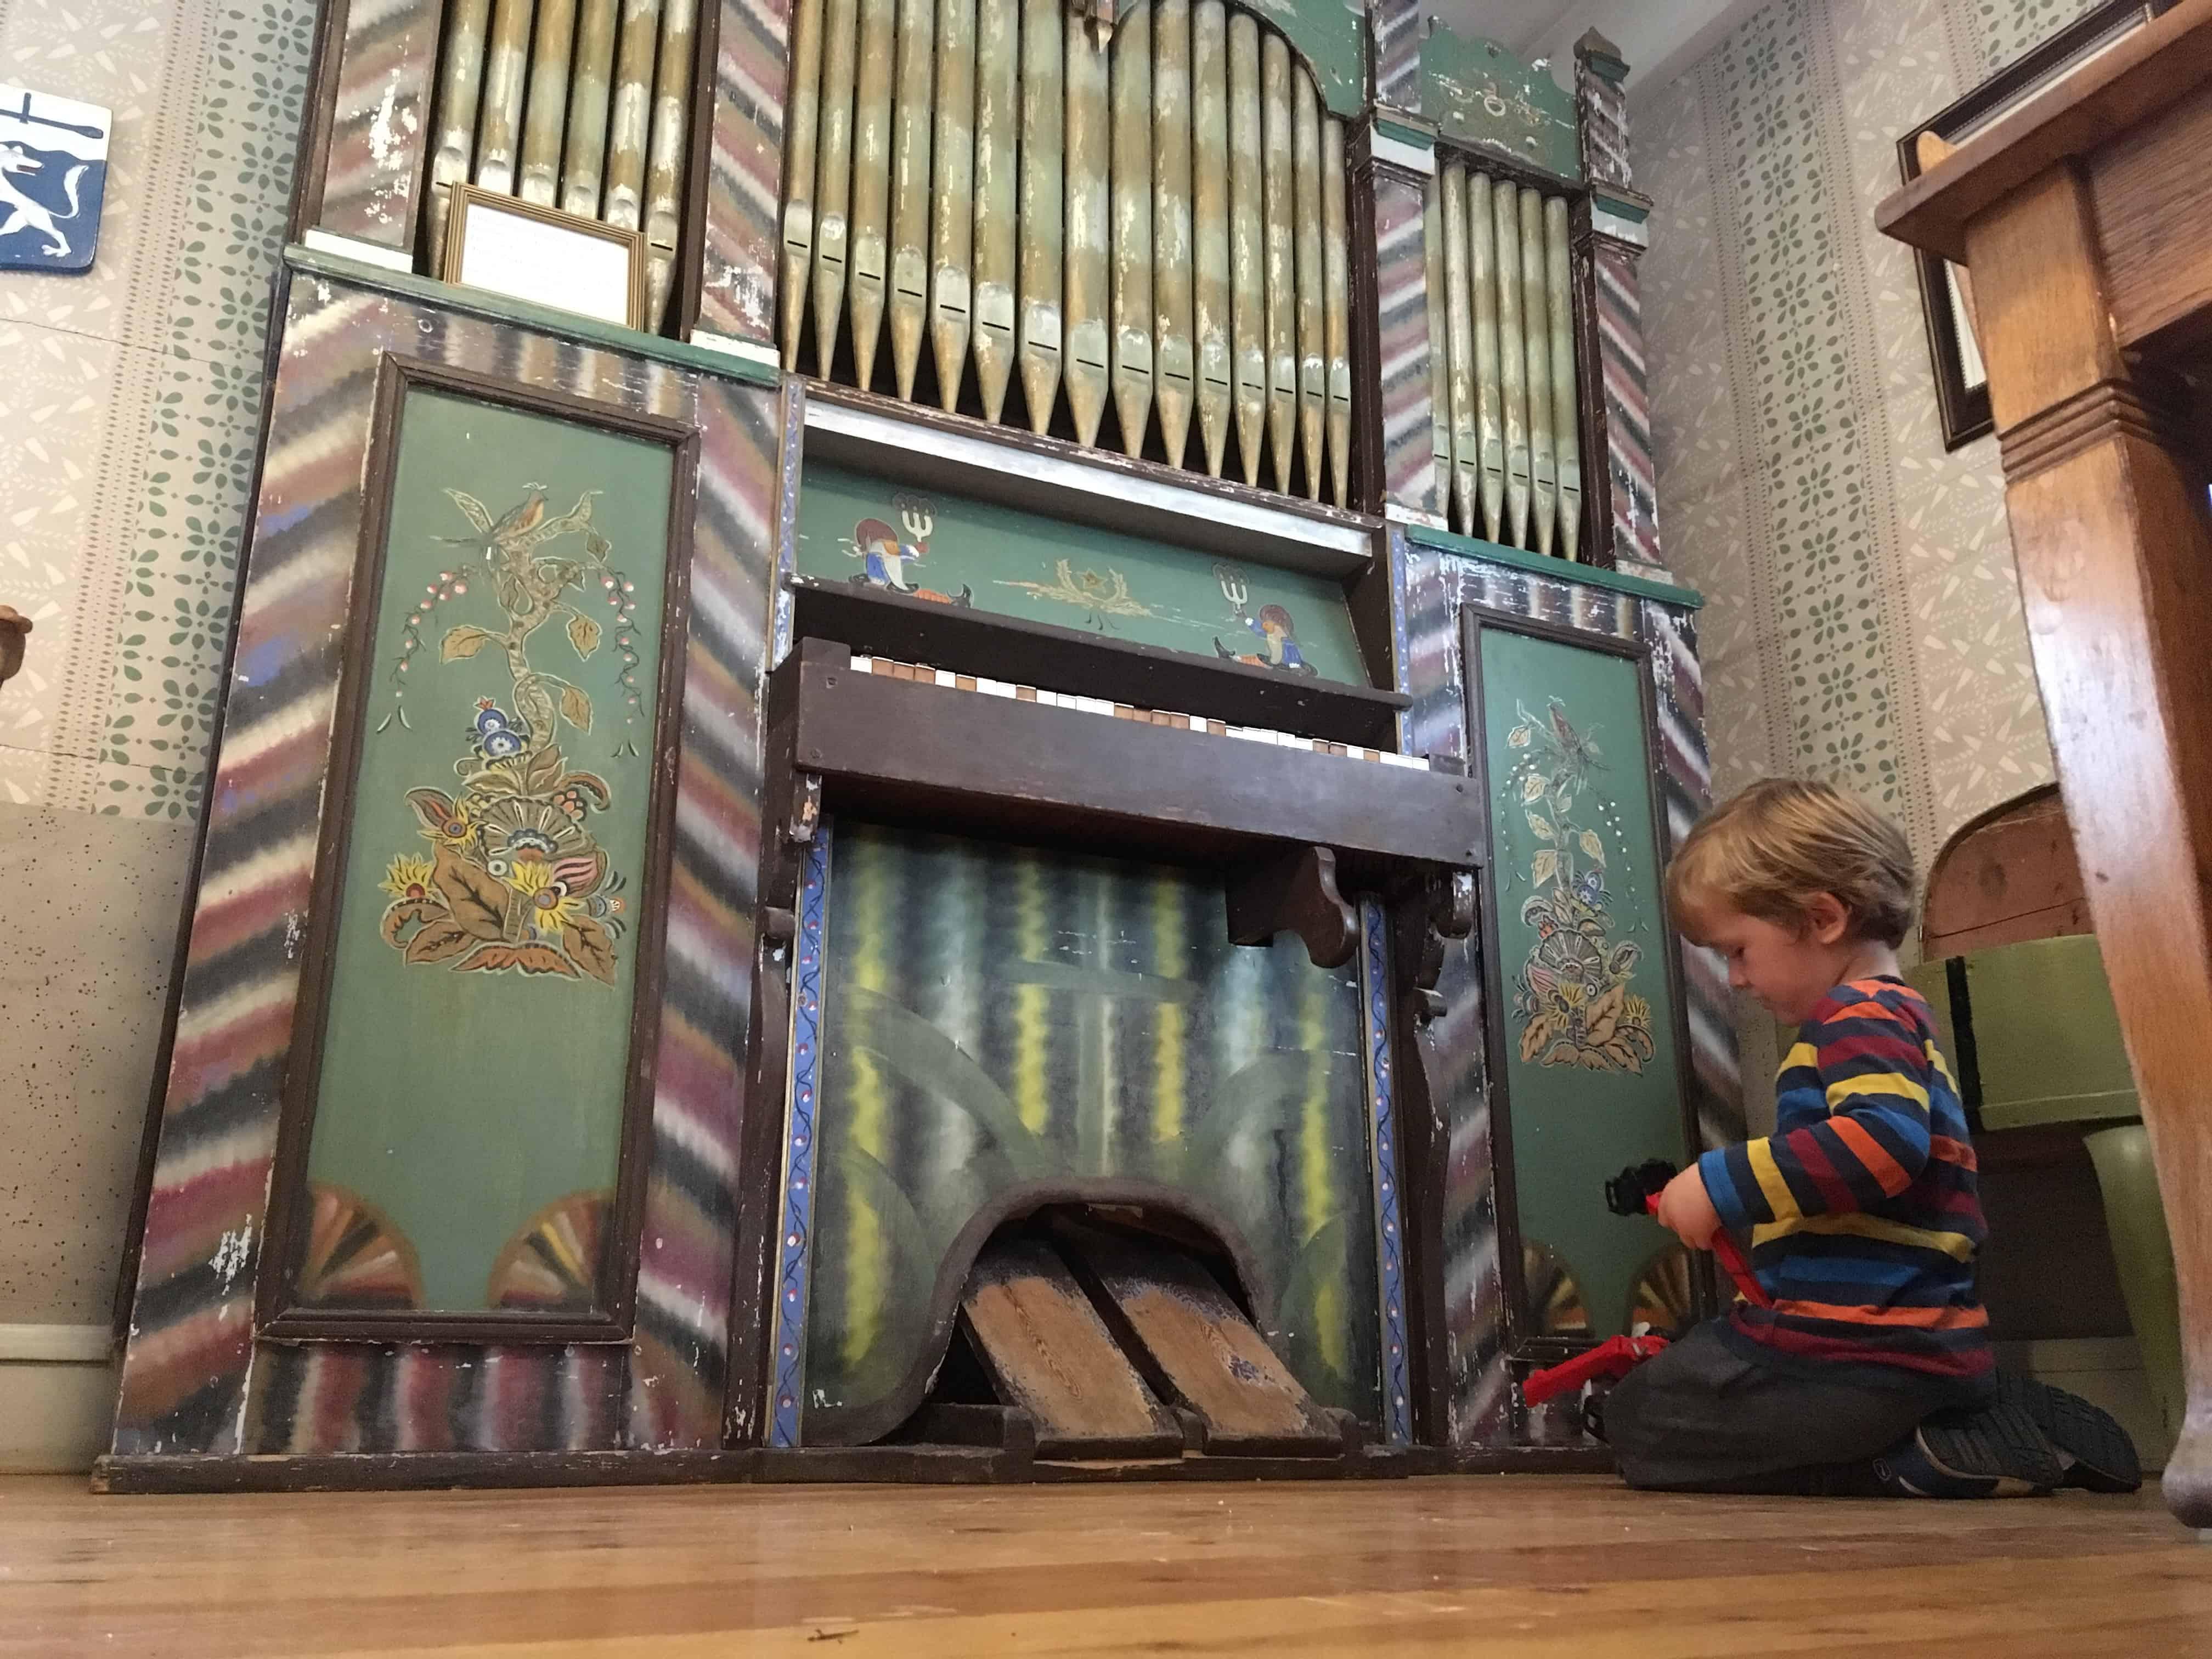 Naast het (voor kinderen woestaantrekkelijke) orgel is een klein speelhoekje.